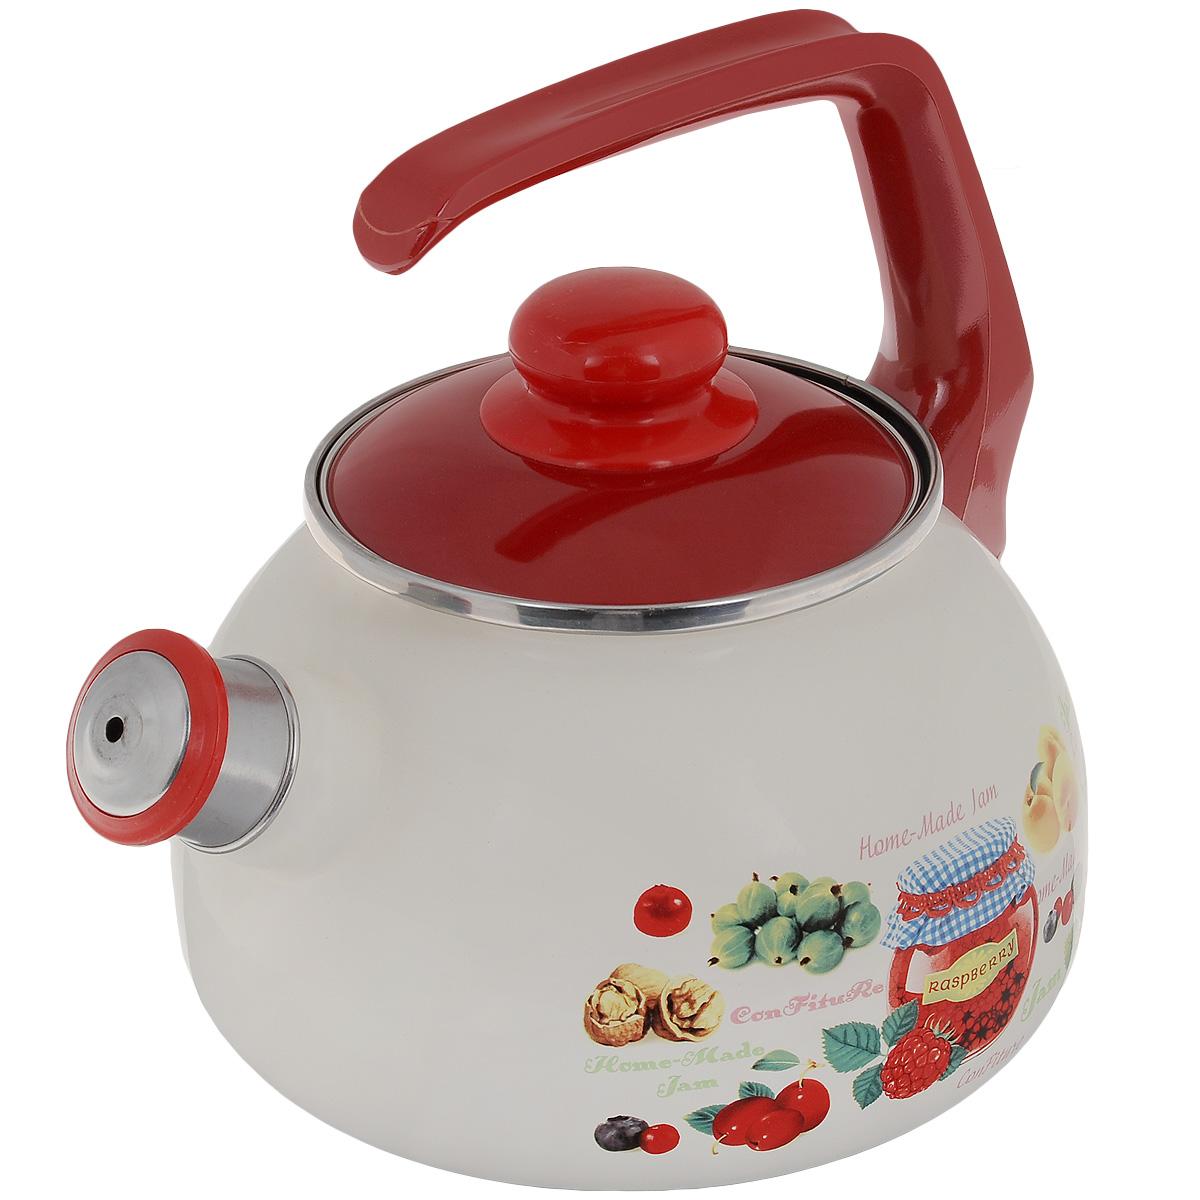 """Чайник Metrot """"Варенье"""" выполнен из высококачественной стали, что обеспечивает долговечность использования. Внешнее цветное эмалевое покрытие придает приятный внешний вид. Бакелитовая фиксированная ручка делает использование чайника очень удобным и безопасным. Чайник снабжен съемным свистком.  Можно мыть в посудомоечной машине. Пригоден для всех видов плит, включая индукционные.  Высота чайника (без учета крышки и ручки): 13 см. Диаметр (по верхнему краю): 13 см."""